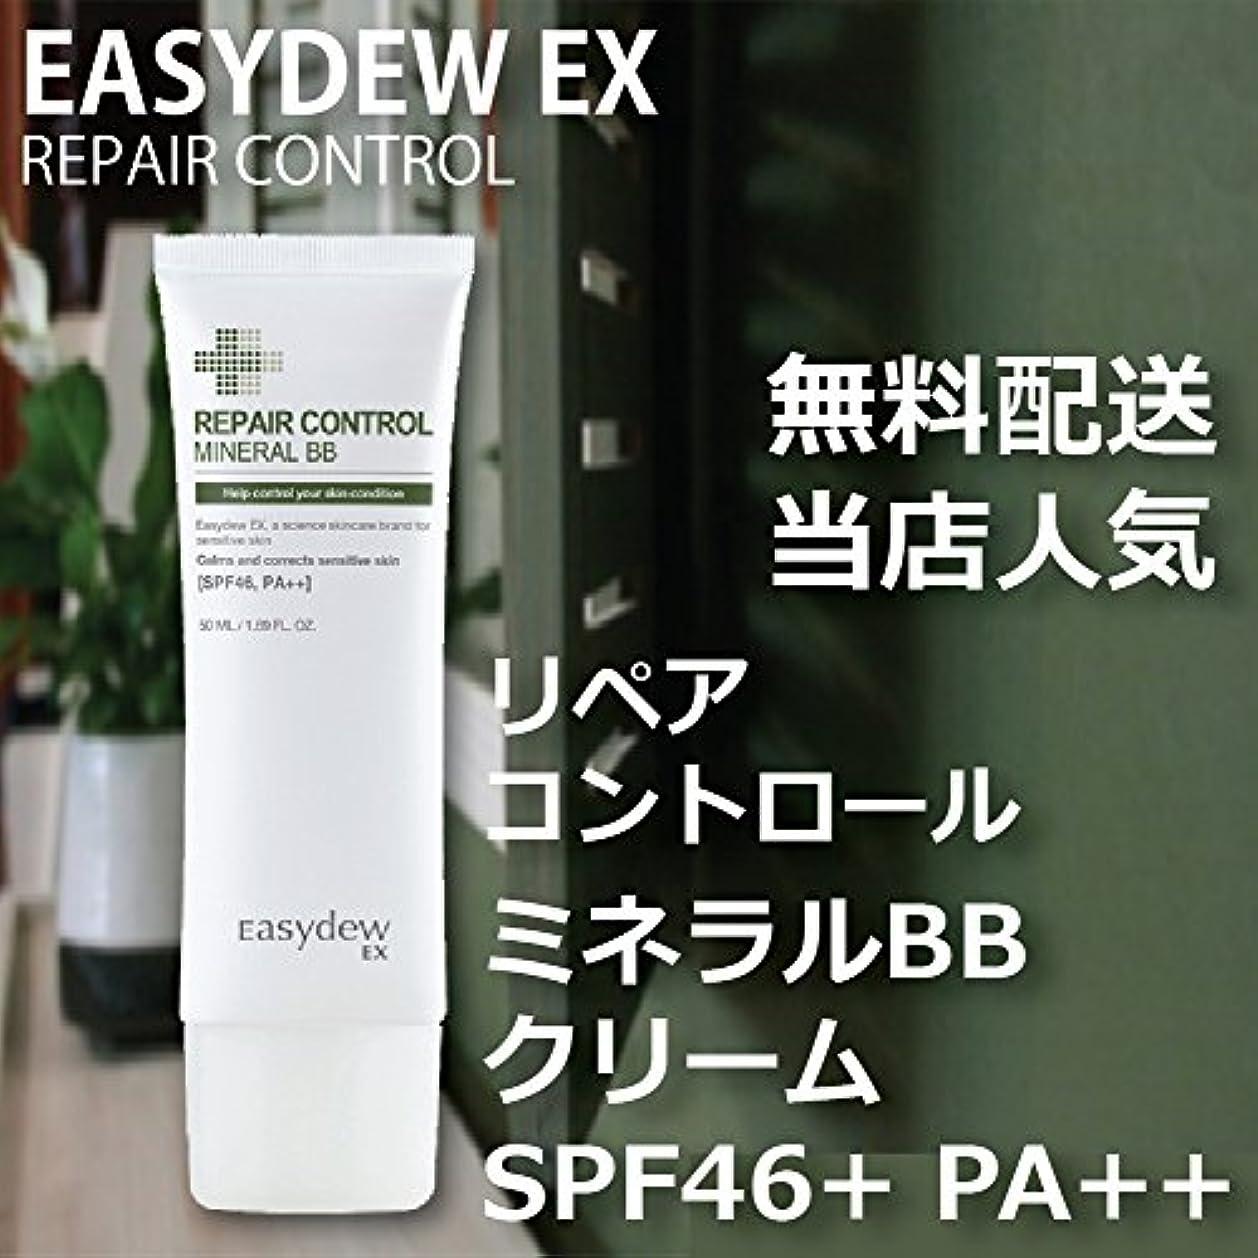 アッパー生きる病者EASY DEW EX ミネラル BBクリーム SPF46+ PA++ 50ml MINRAL BB CREAM 韓国 人気 コスメ イージーデュー 敏感 乾燥 美白 しわ 3重機能性